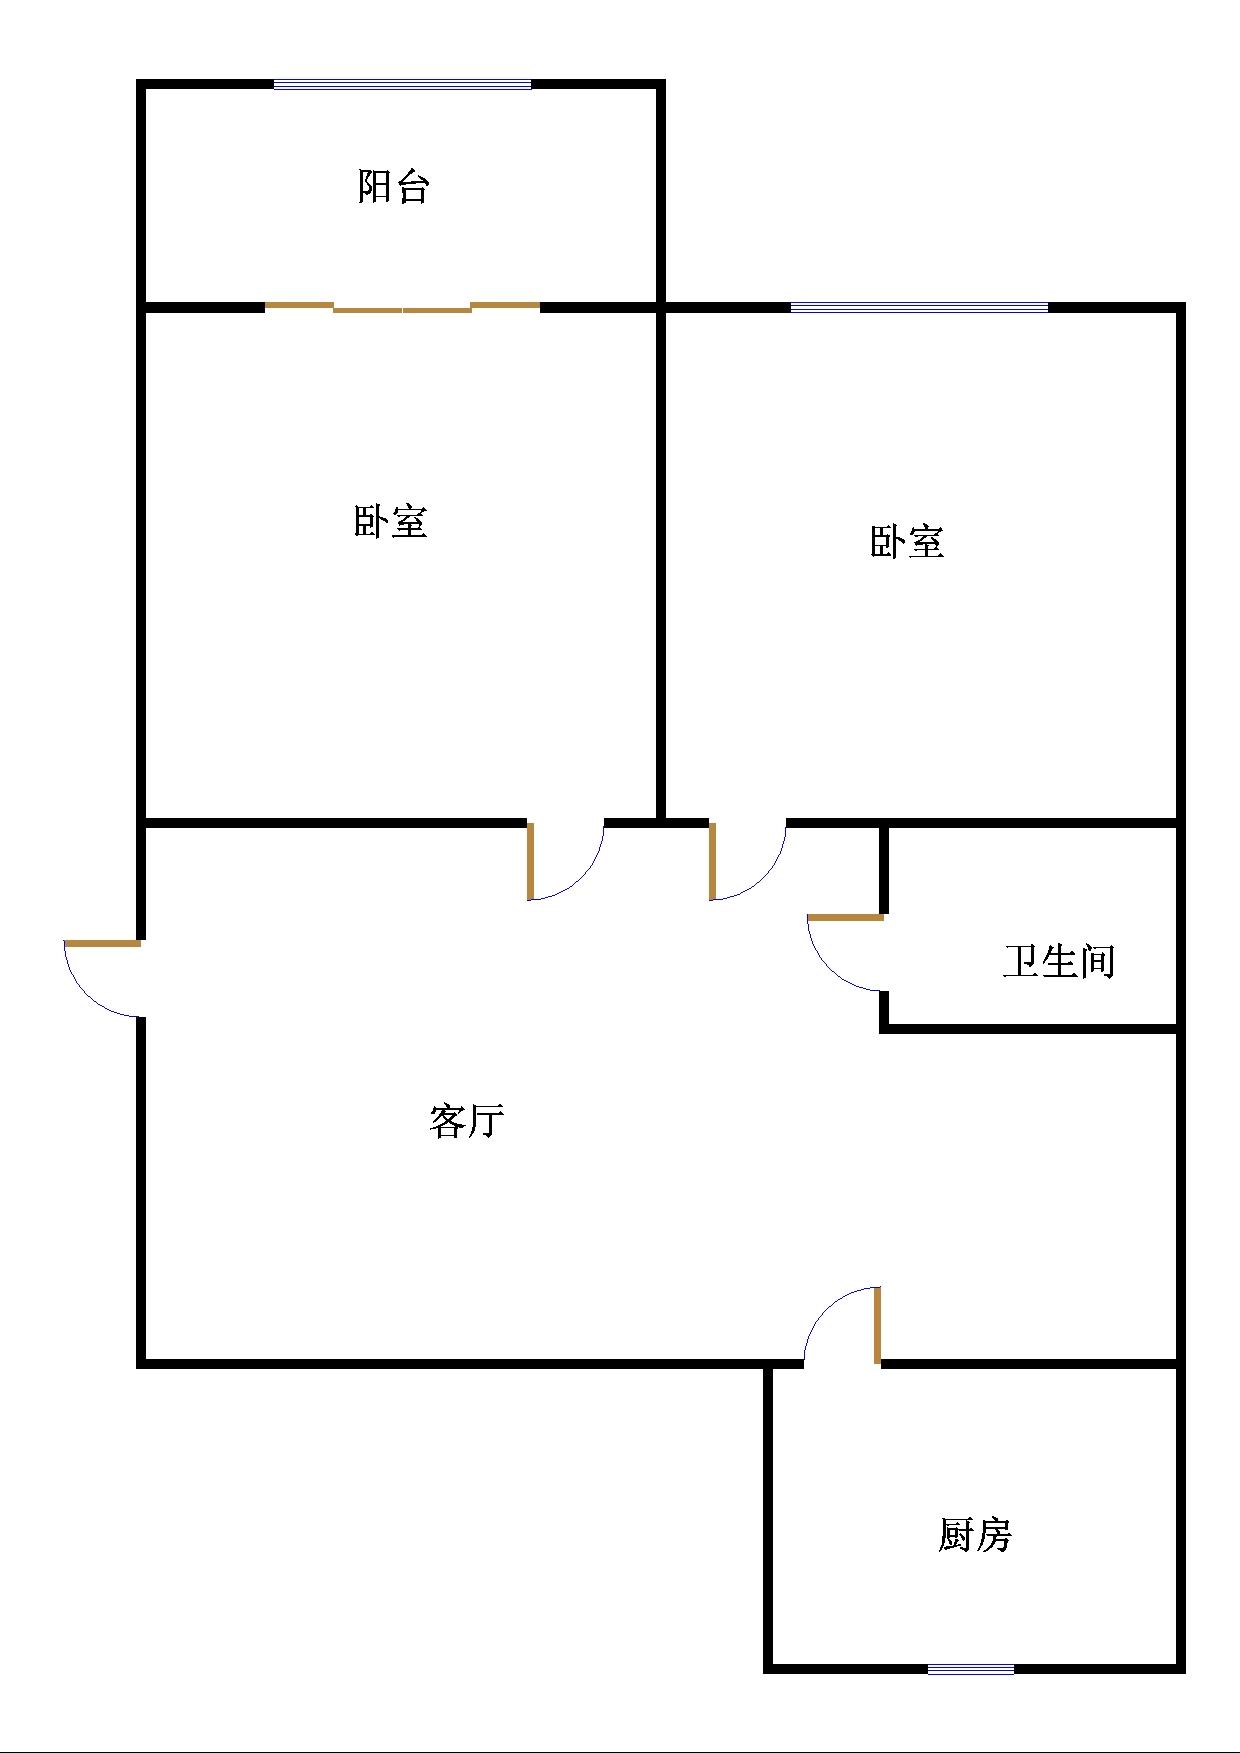 湘江小区南区 2室2厅  简装 70万